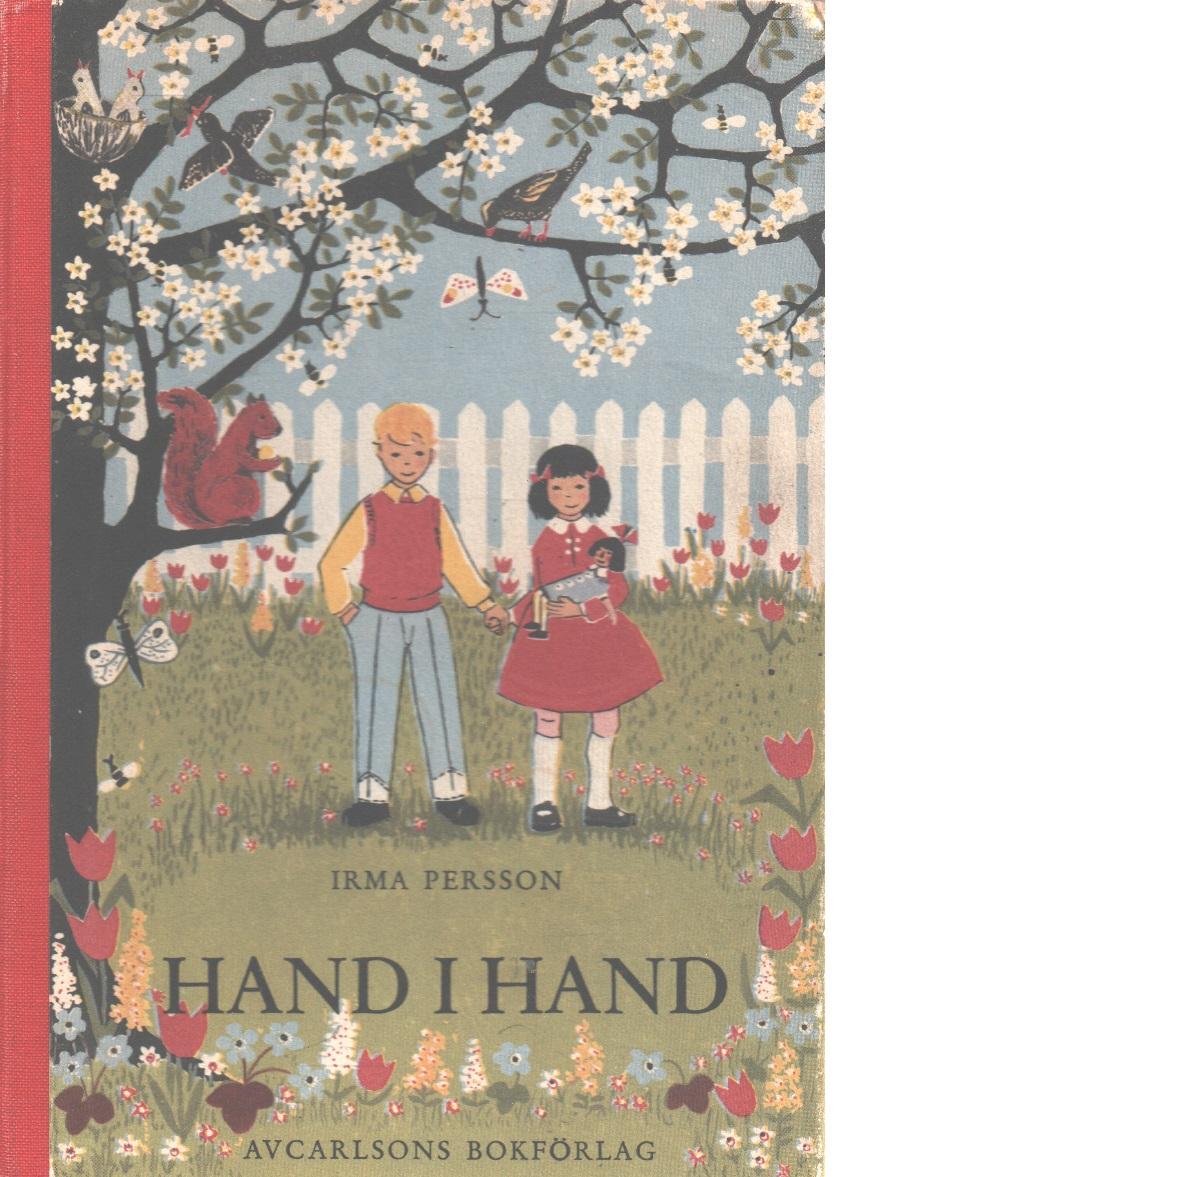 Hand i hand : läsning och etiska samtal för skolans lågstadium - Persson, Irma